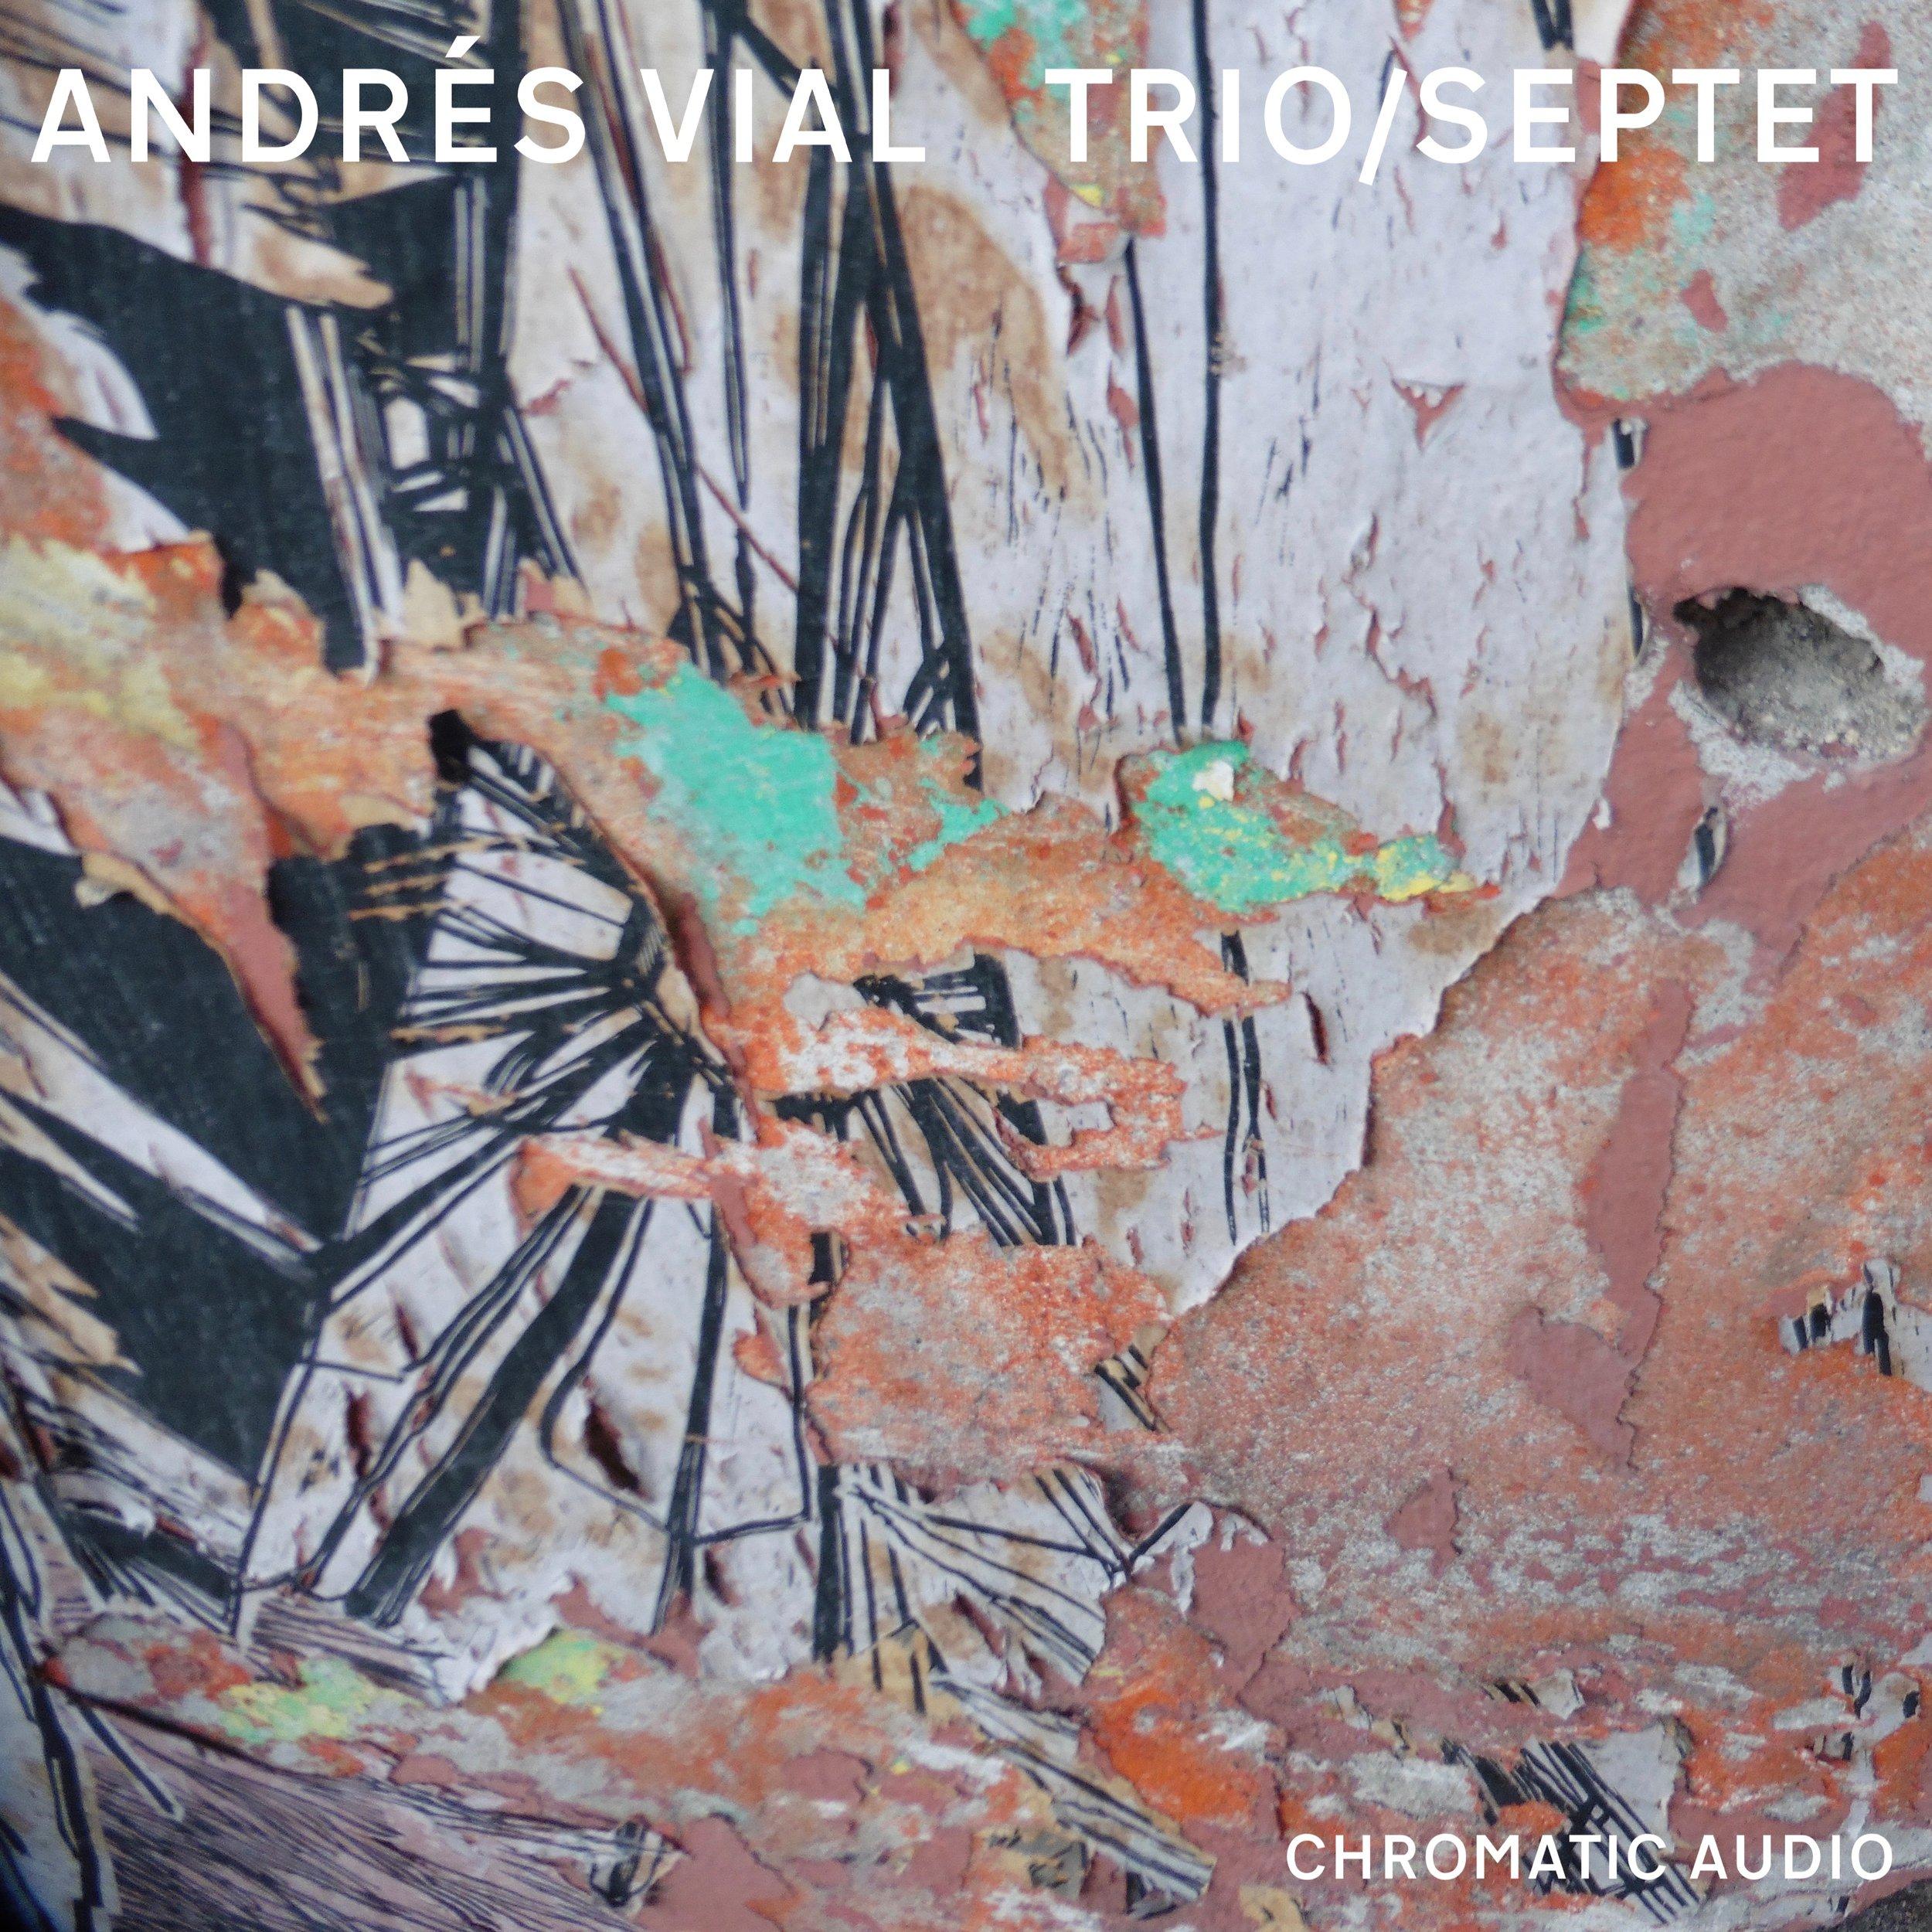 trio_septet cover.jpeg